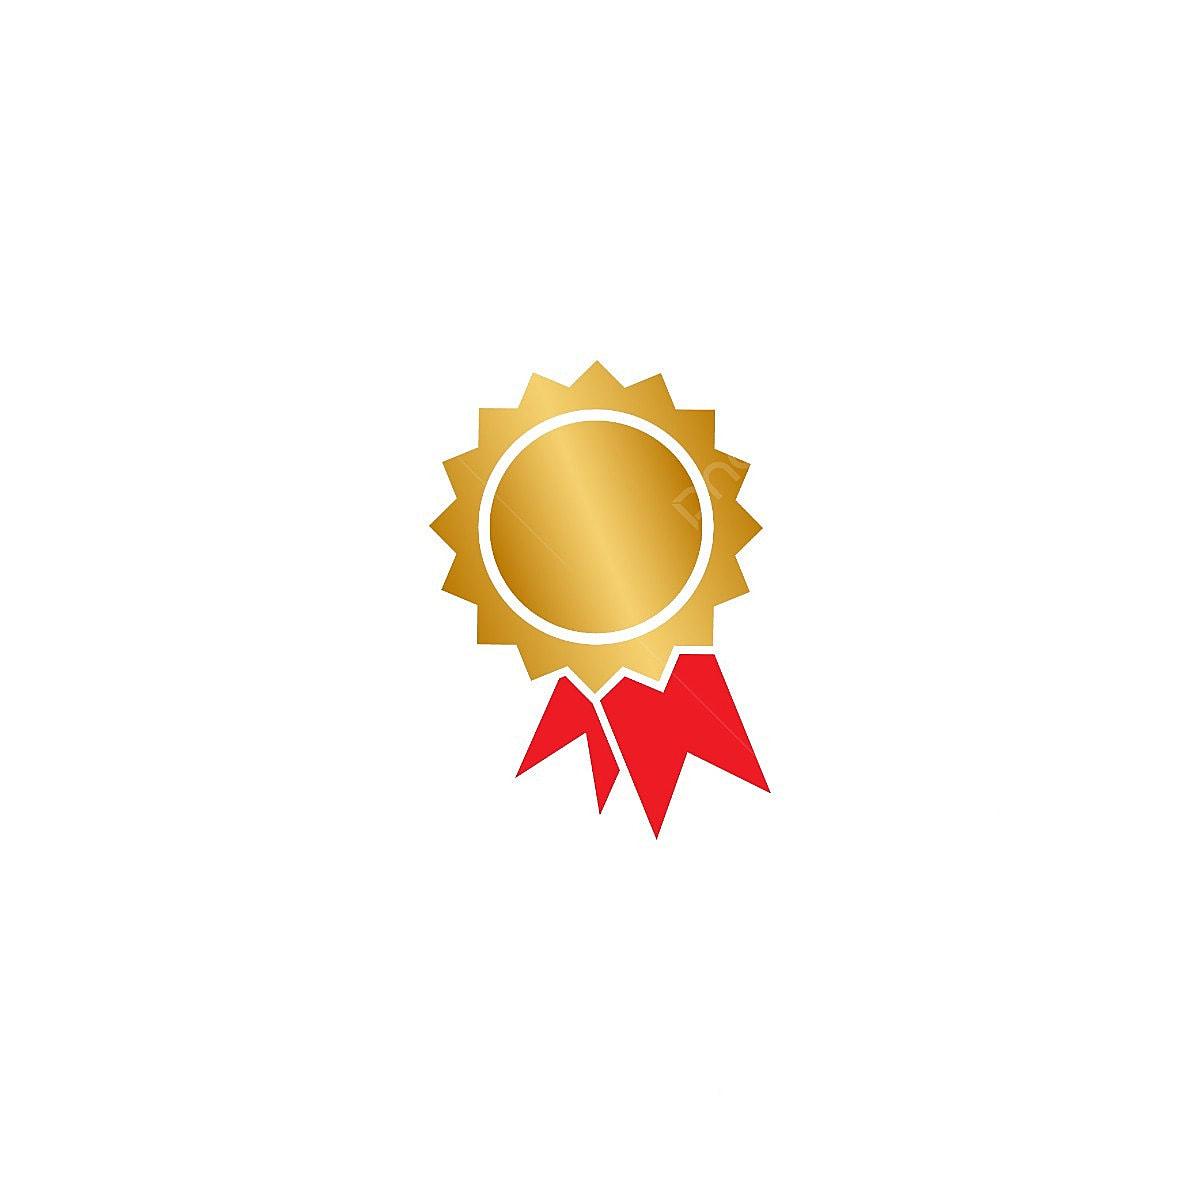 certificate badge graphic design template r u00e9alisation prix contexte png et vecteur pour